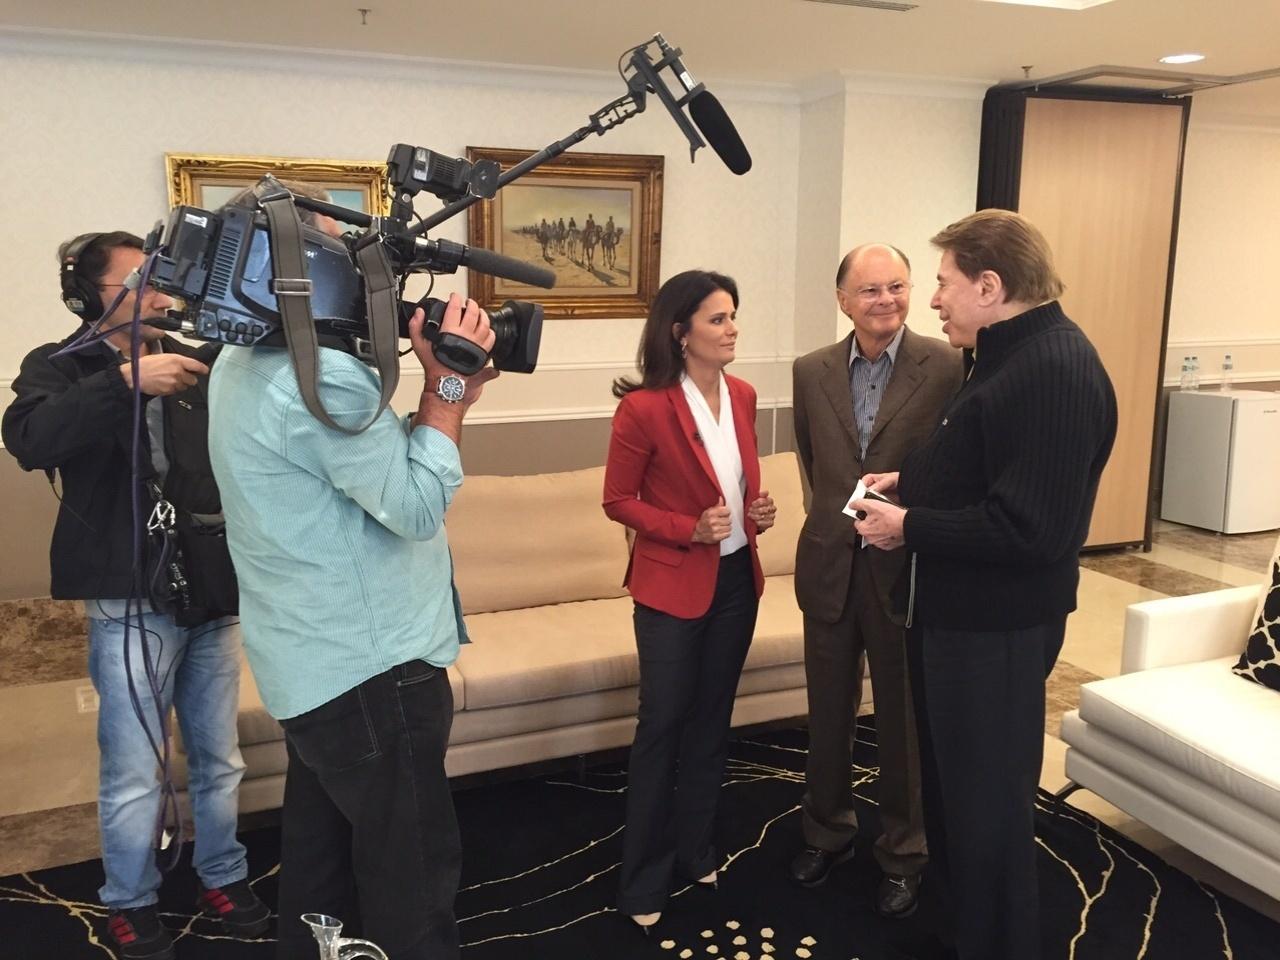 Jornalista Adriana Araújo entrevista Silvio Santos e Edir Macedo durante visita ao Templo de Salomão